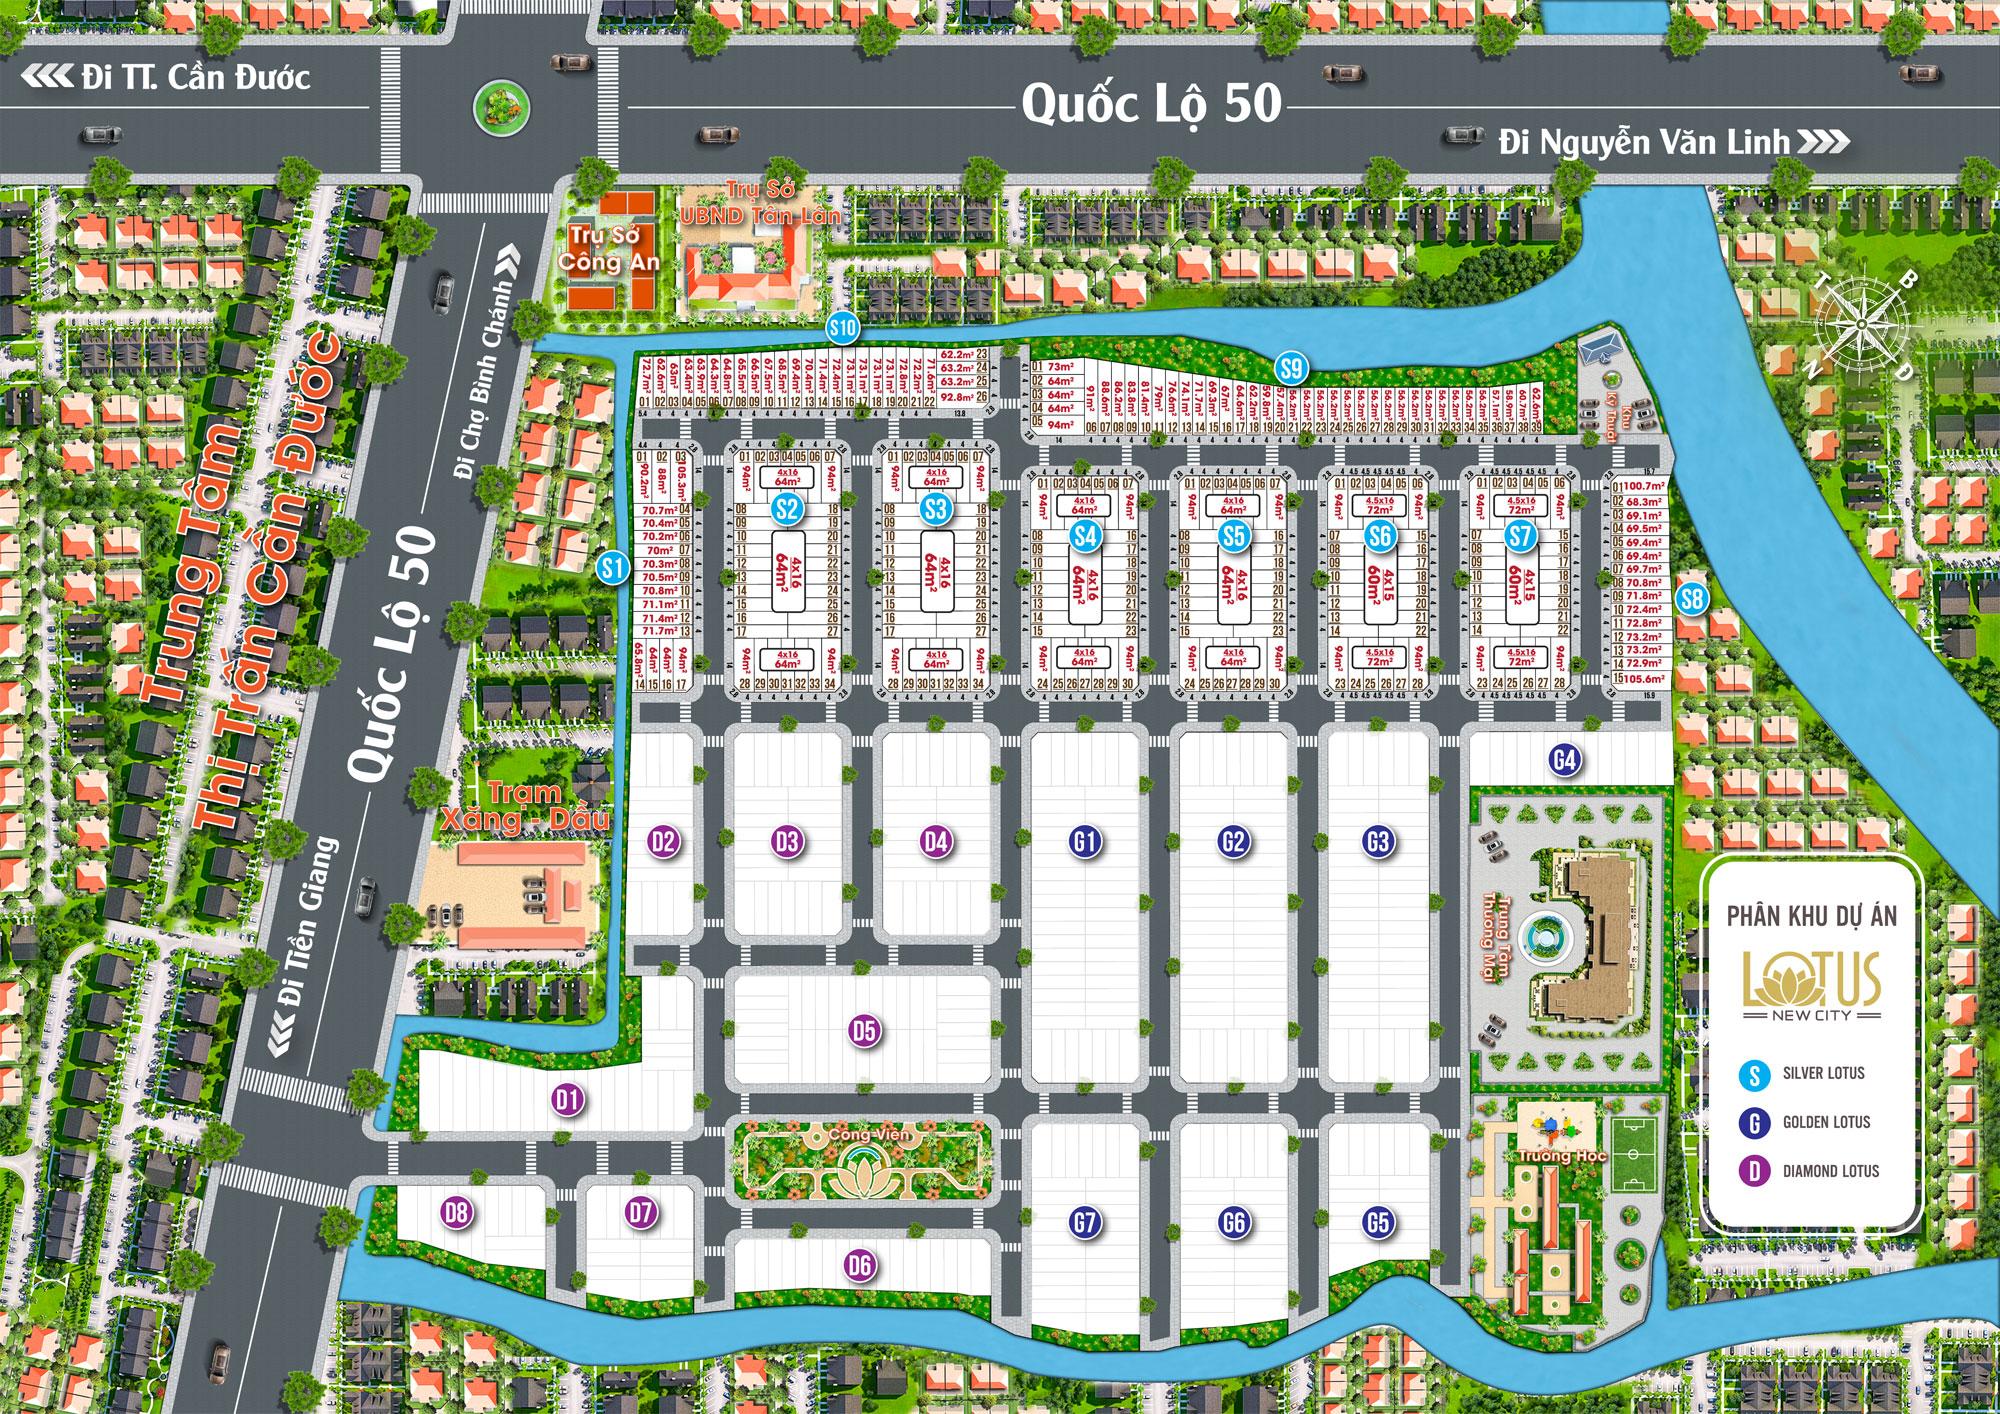 Sơ đồ phân lô dự án Lotus New City Long An